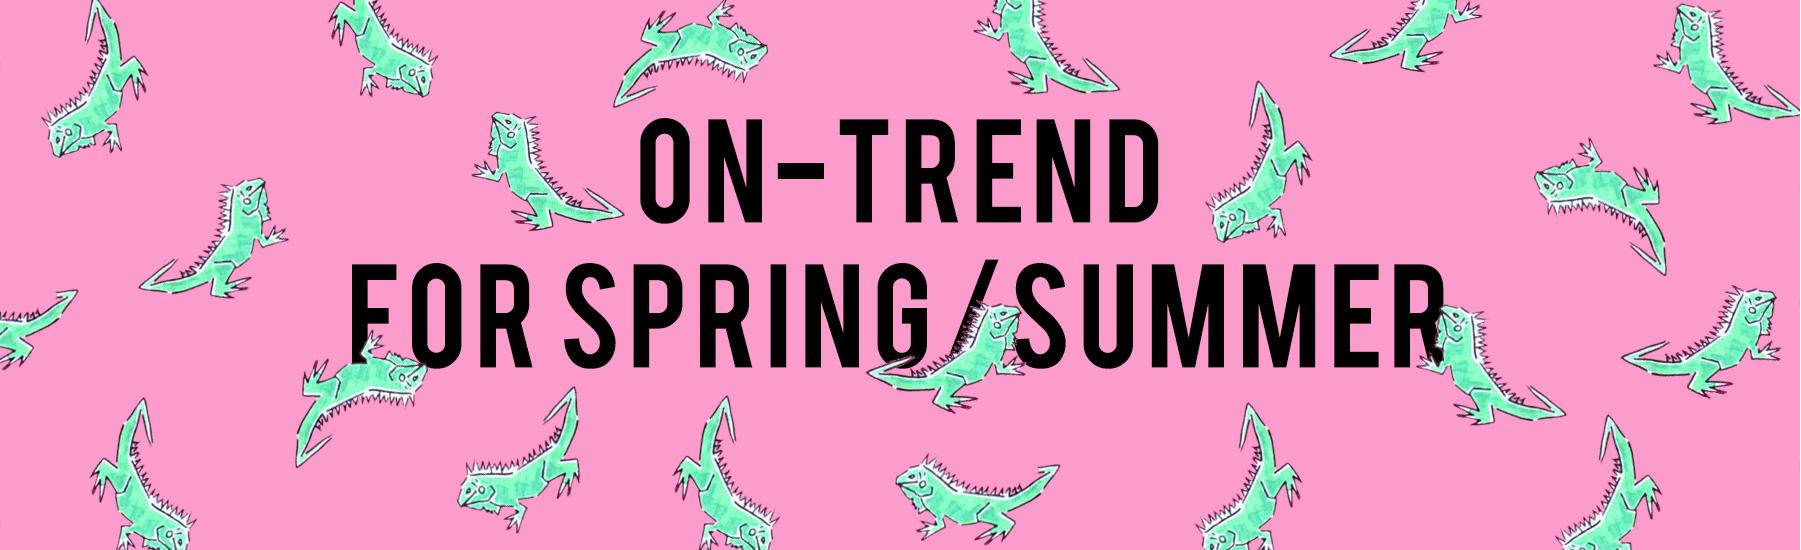 On-Trend For Spring/Summer - Shop Women's Spring/Summer Shop